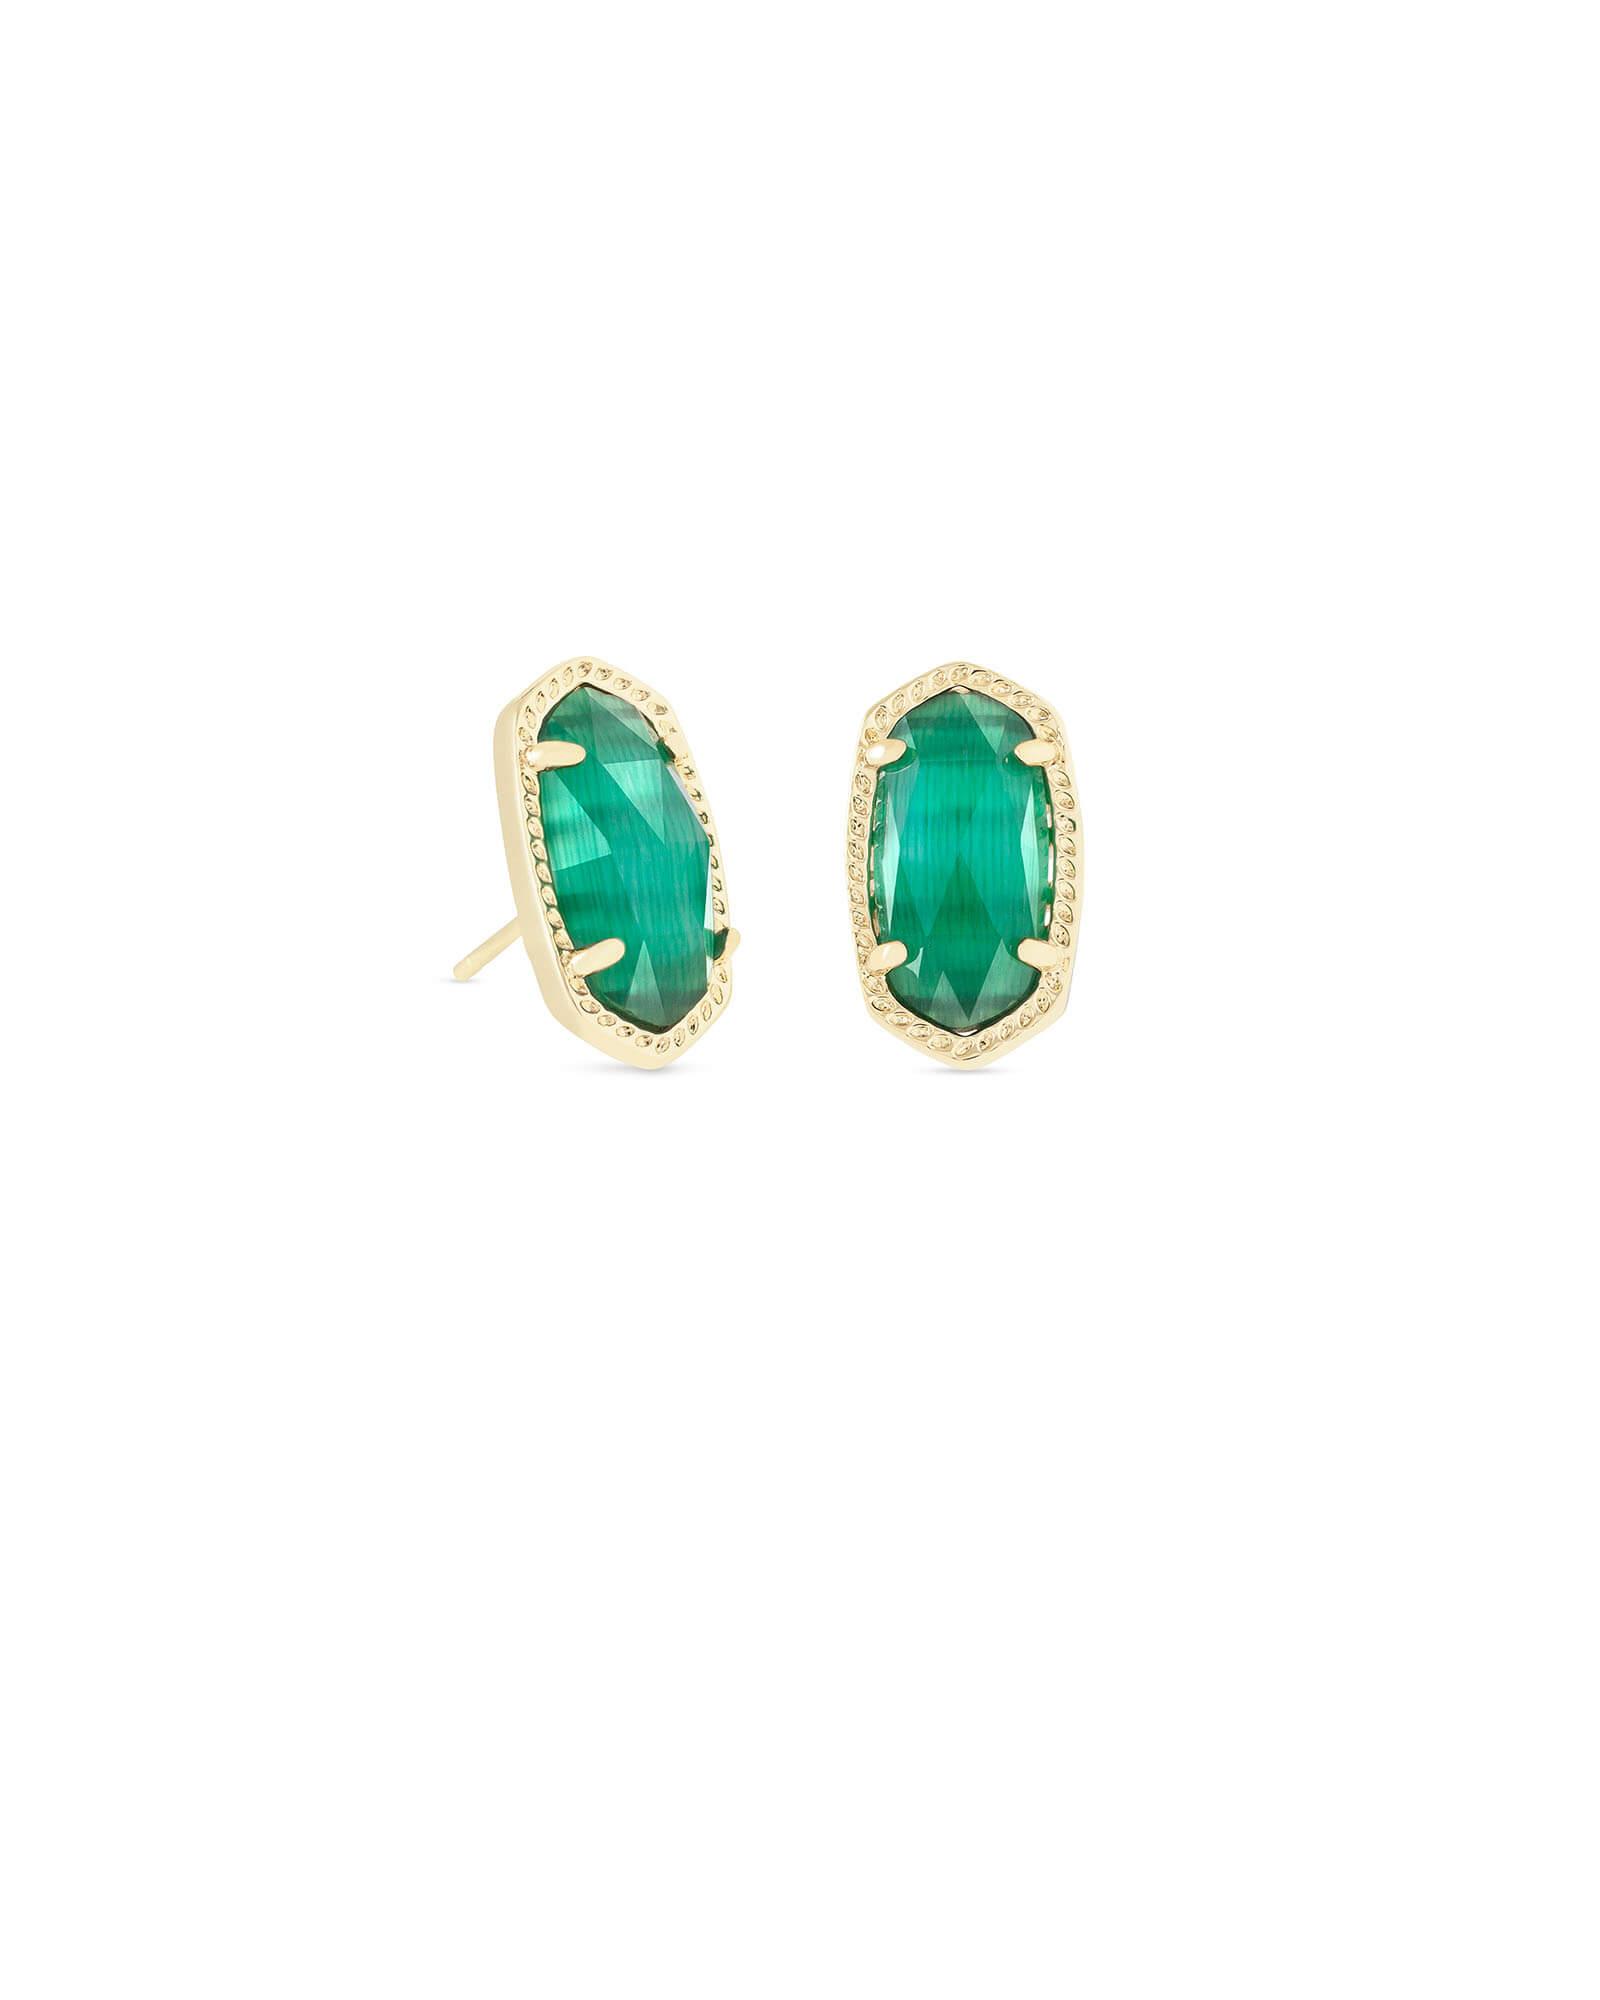 Kendra Scott Ellie Gold Stud Earrings In Emerald Cats Eye